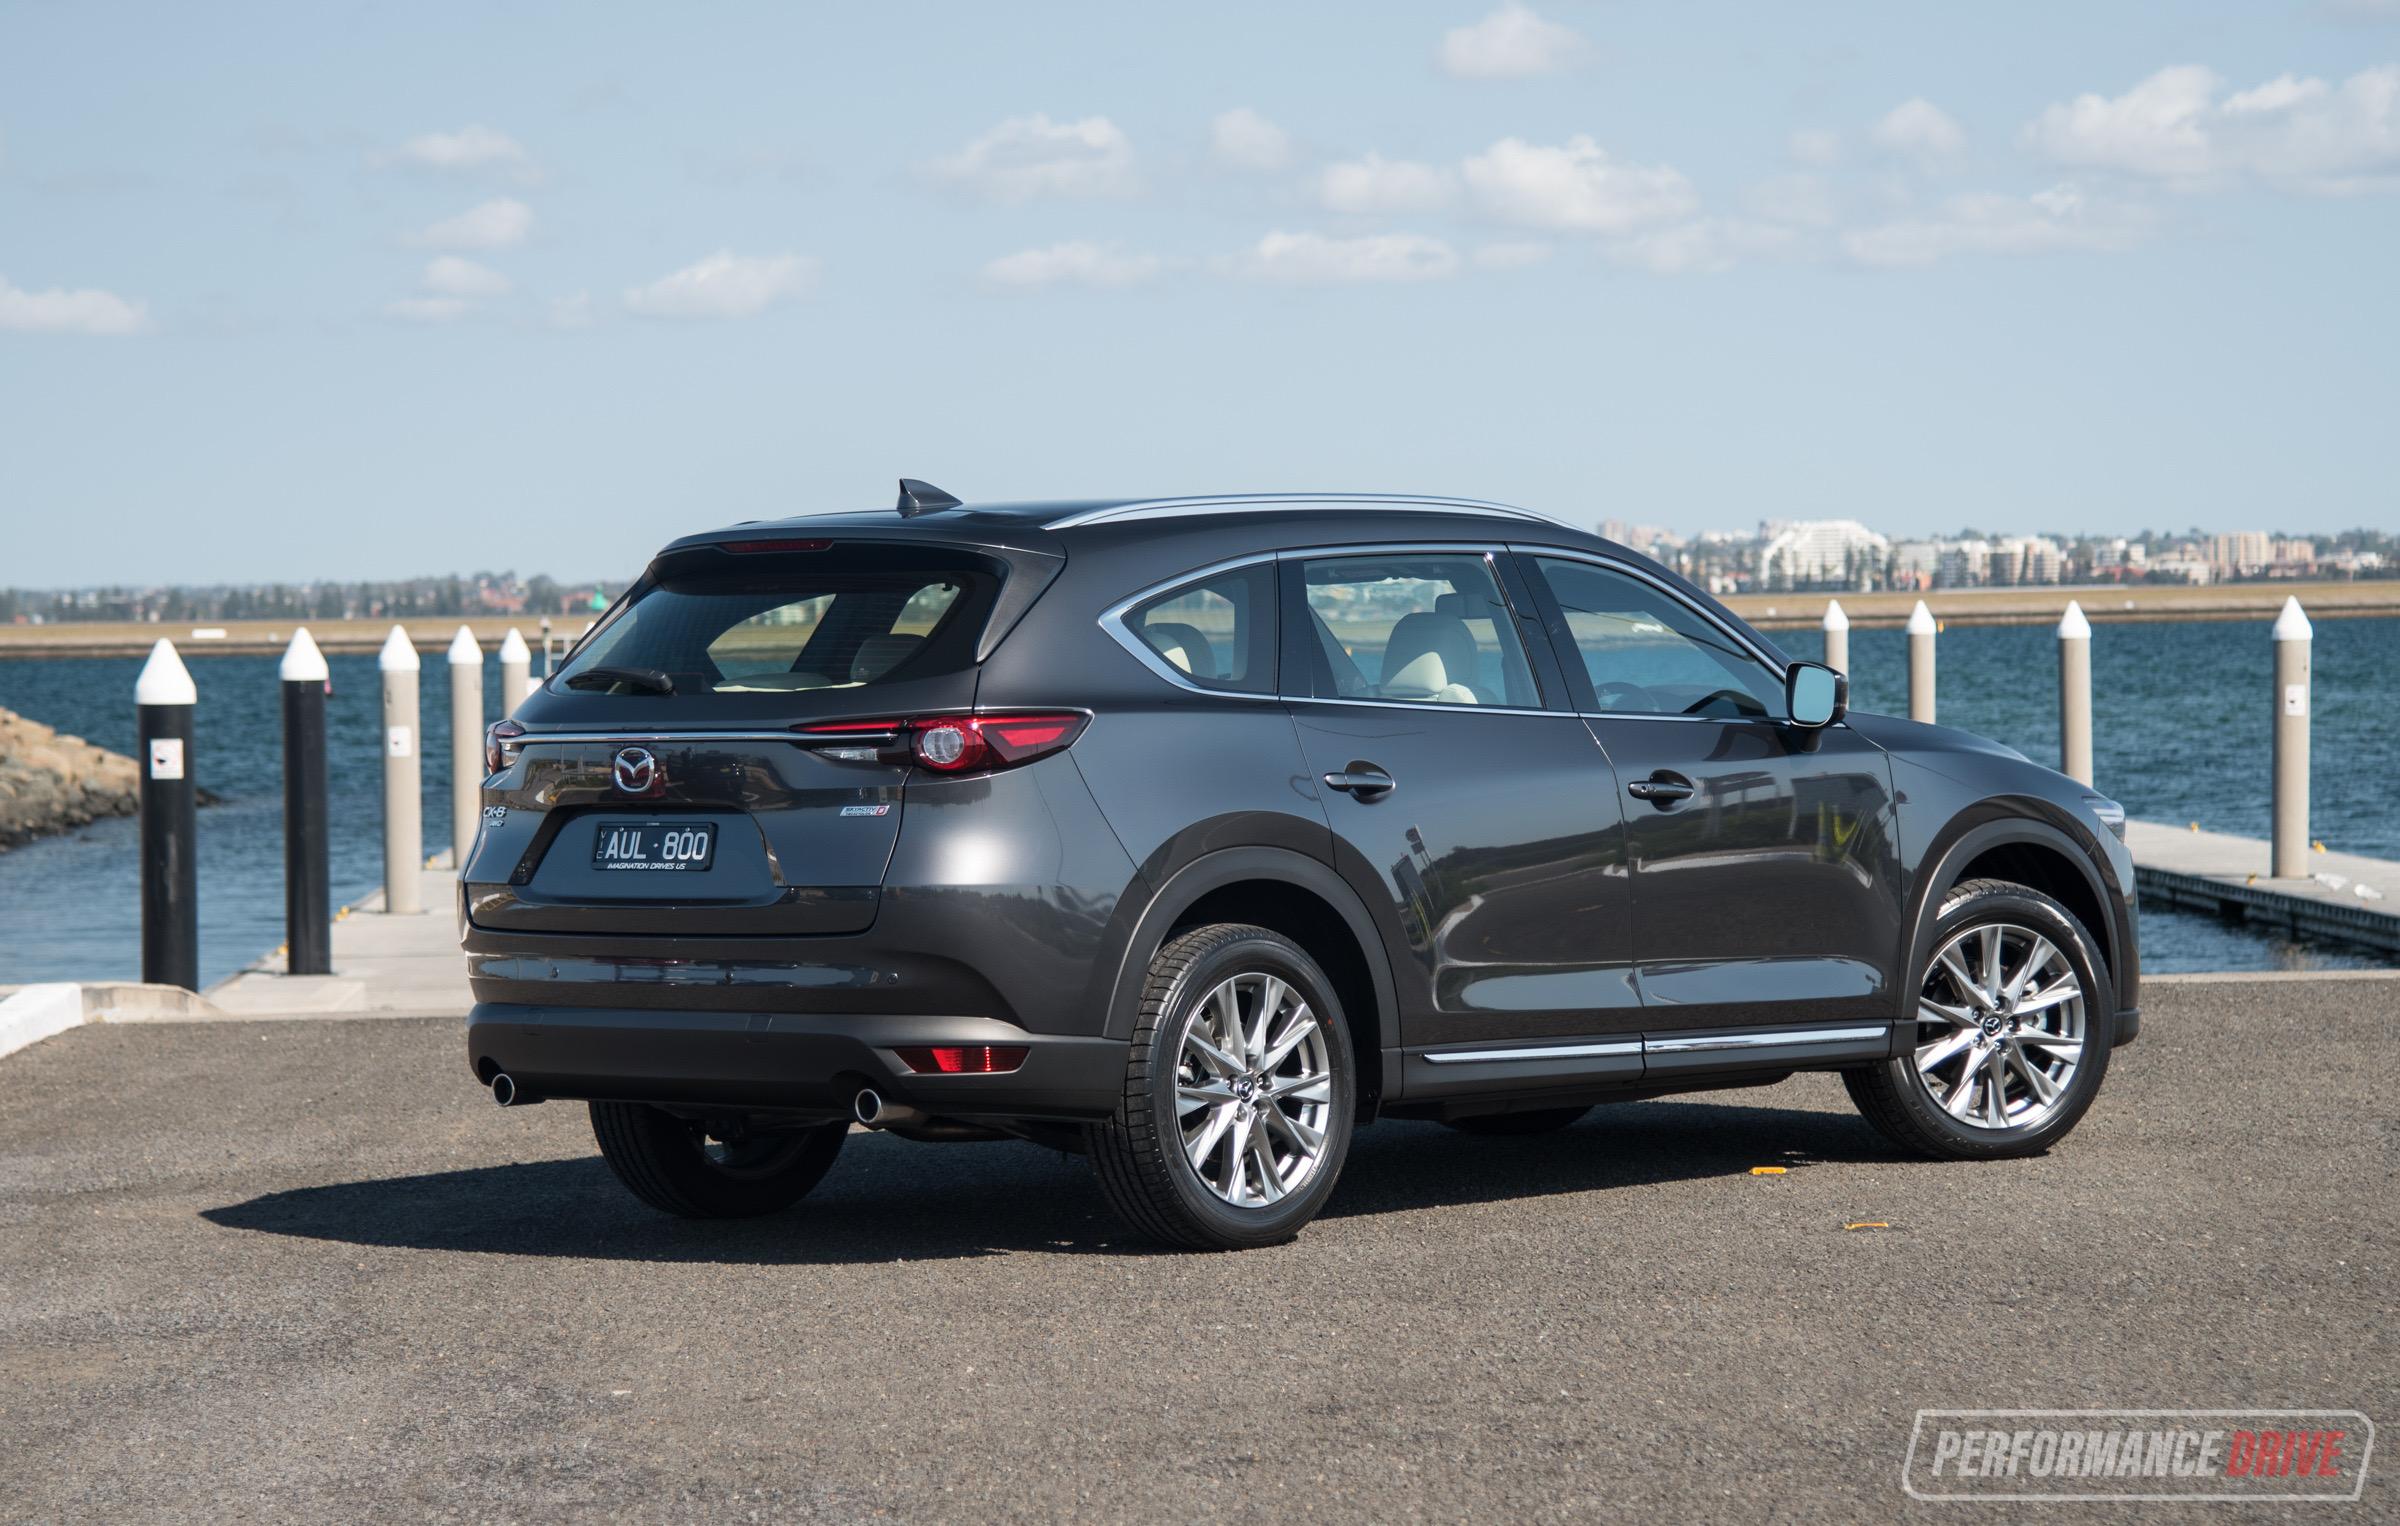 Mazda 6 Sport >> 2018 Mazda CX-8 review (video) | PerformanceDrive